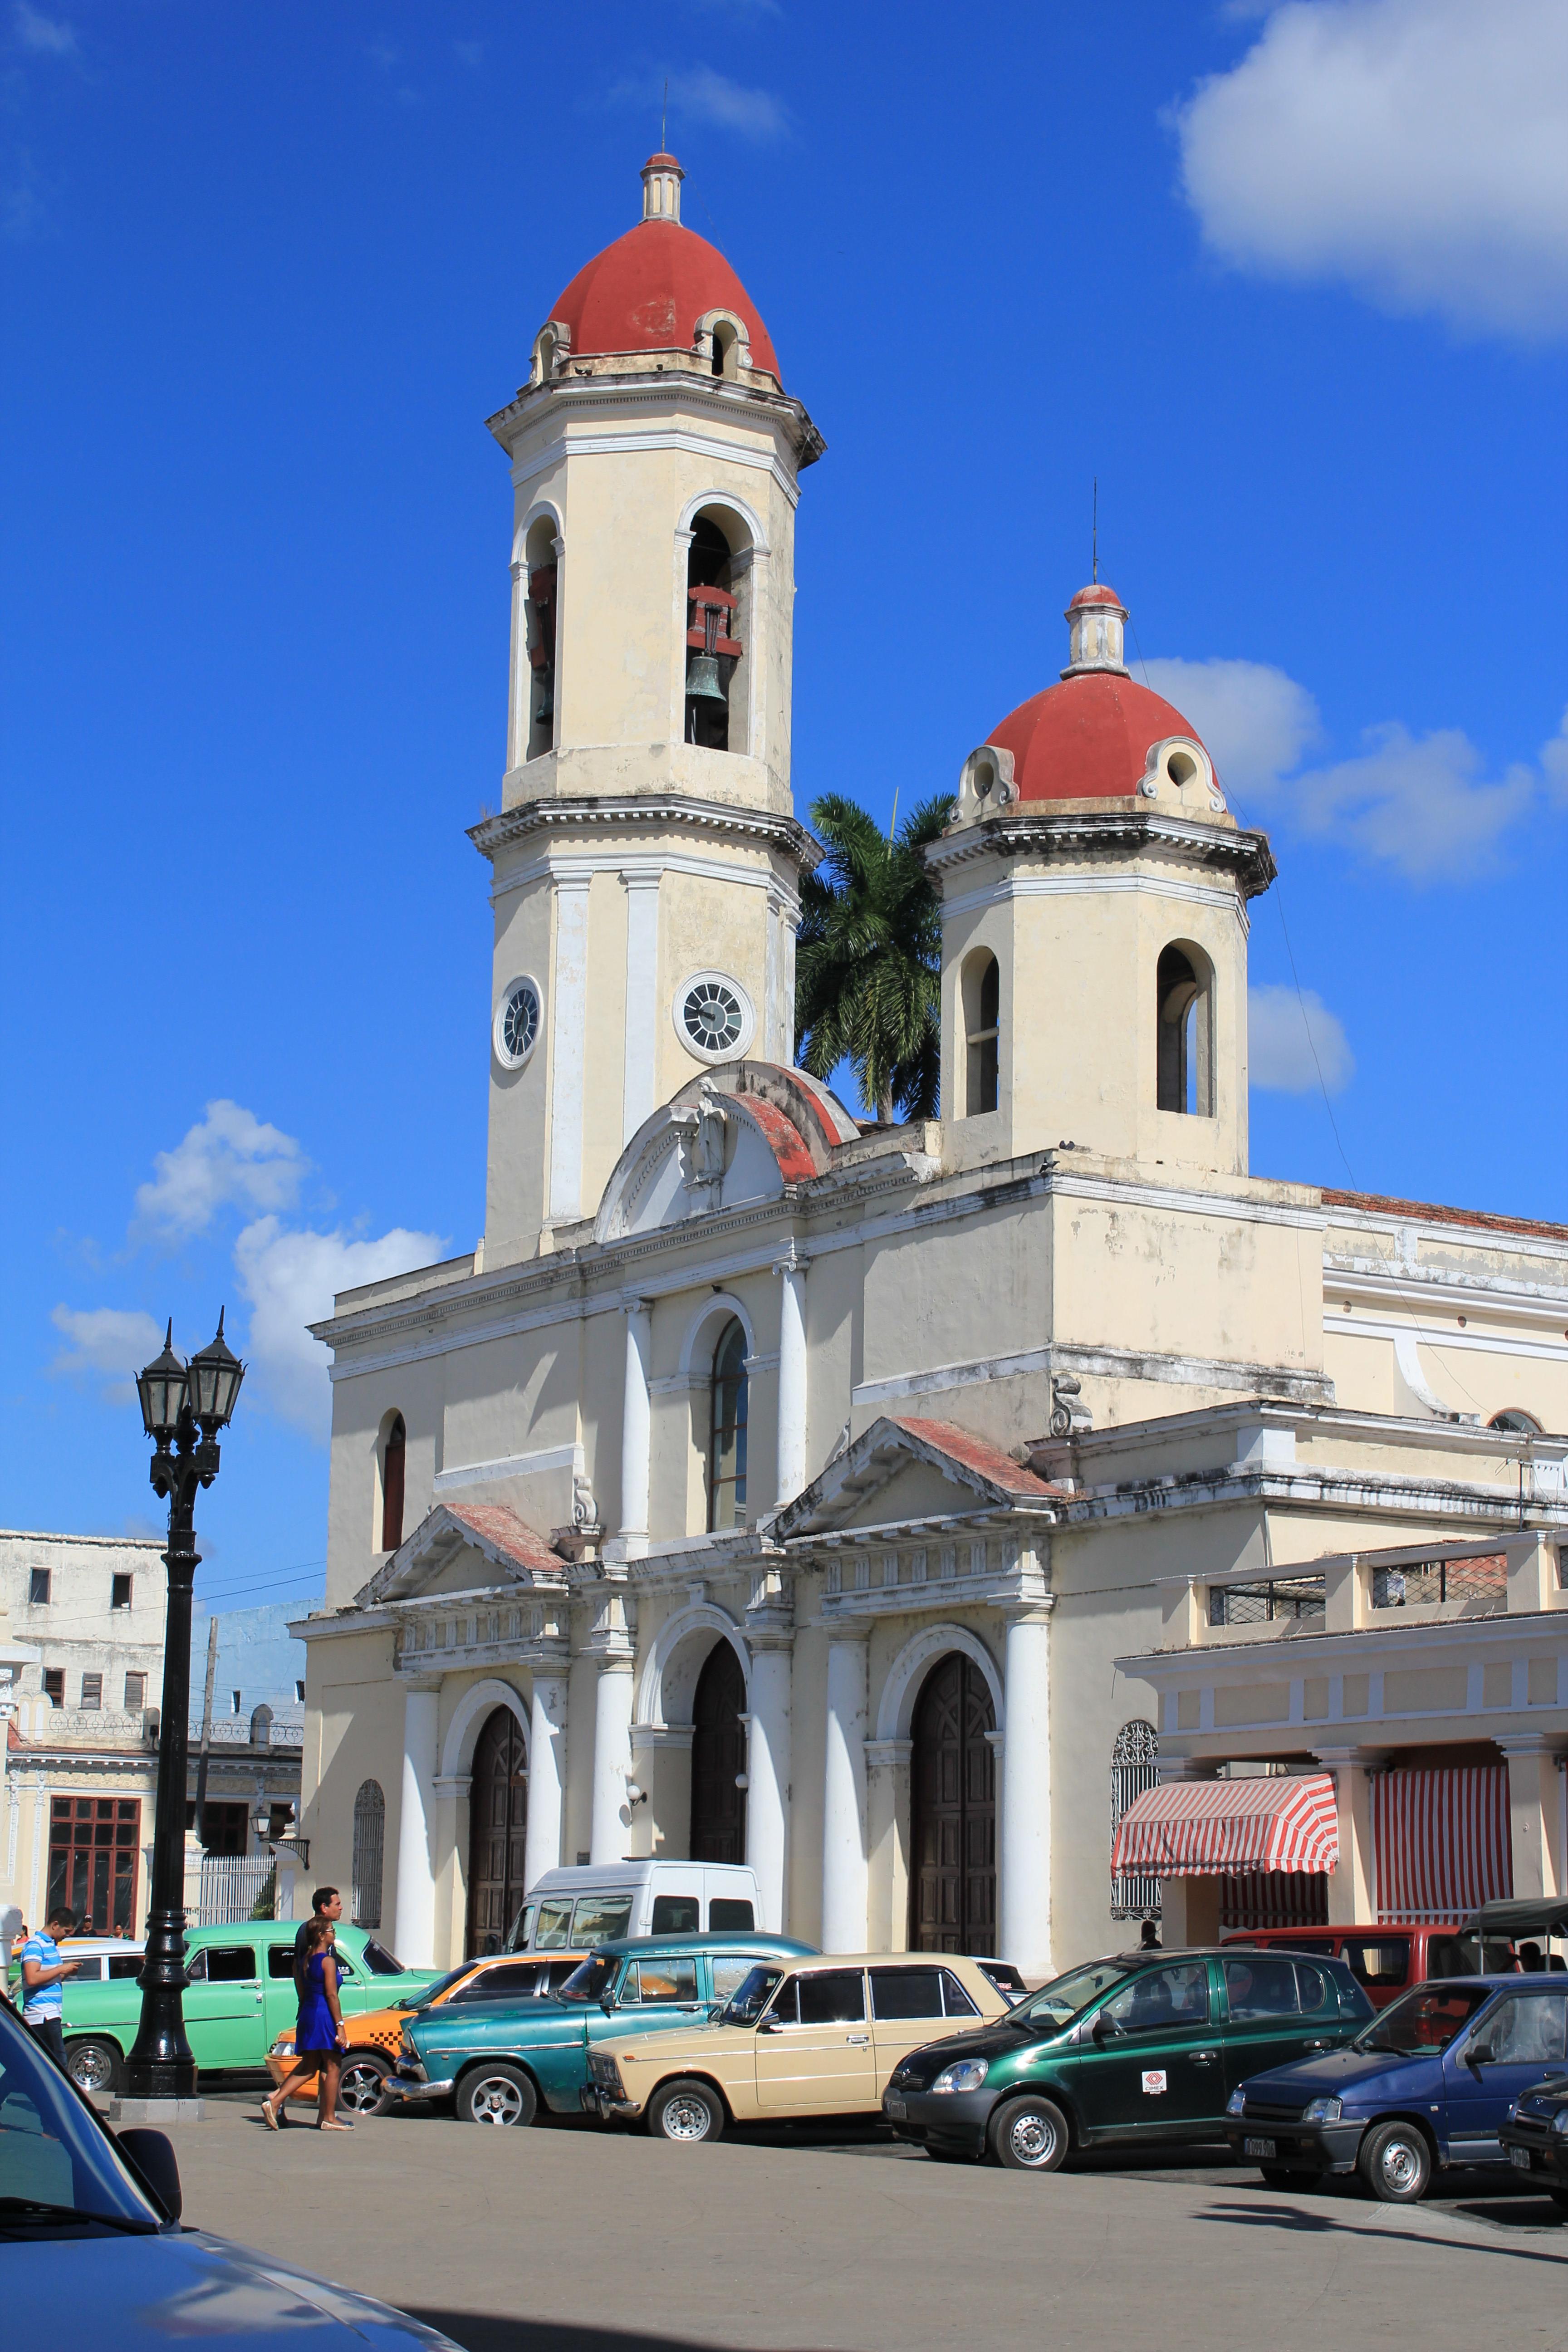 Church-Cienfuegos A Cuban Road Trip, Part 1 - Cienfuegos Cienfuegos Cuba